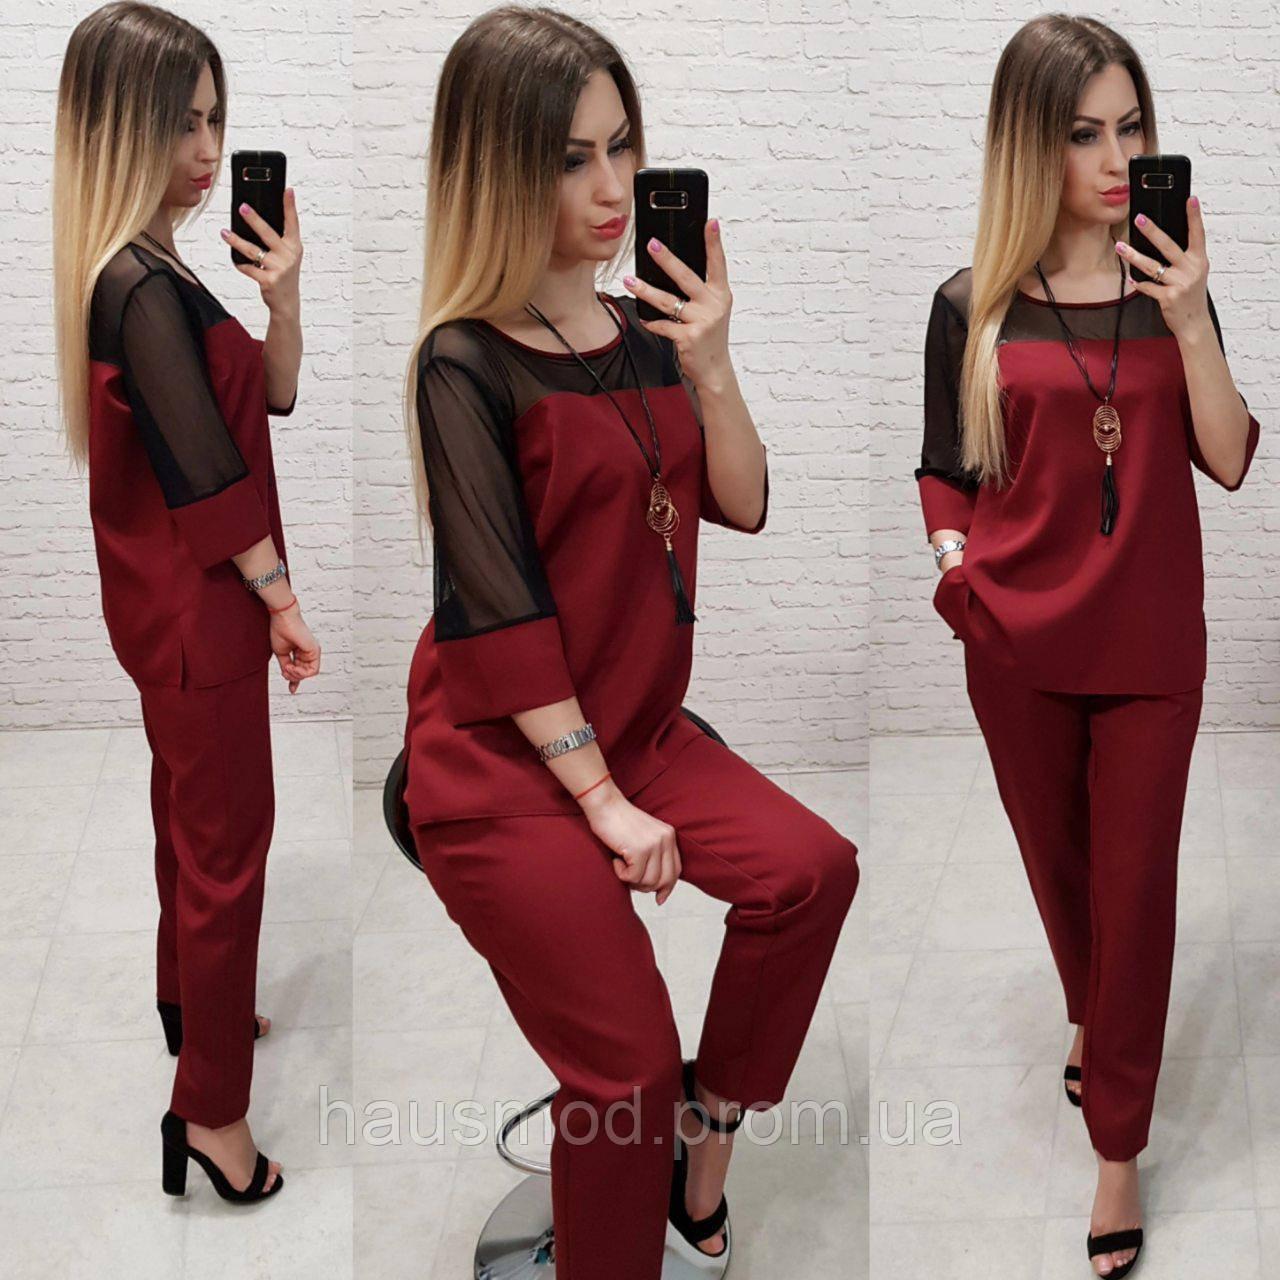 Женский костюм брючный ткань креп костюмка Турция подвеска в комплекте цвет бордовый